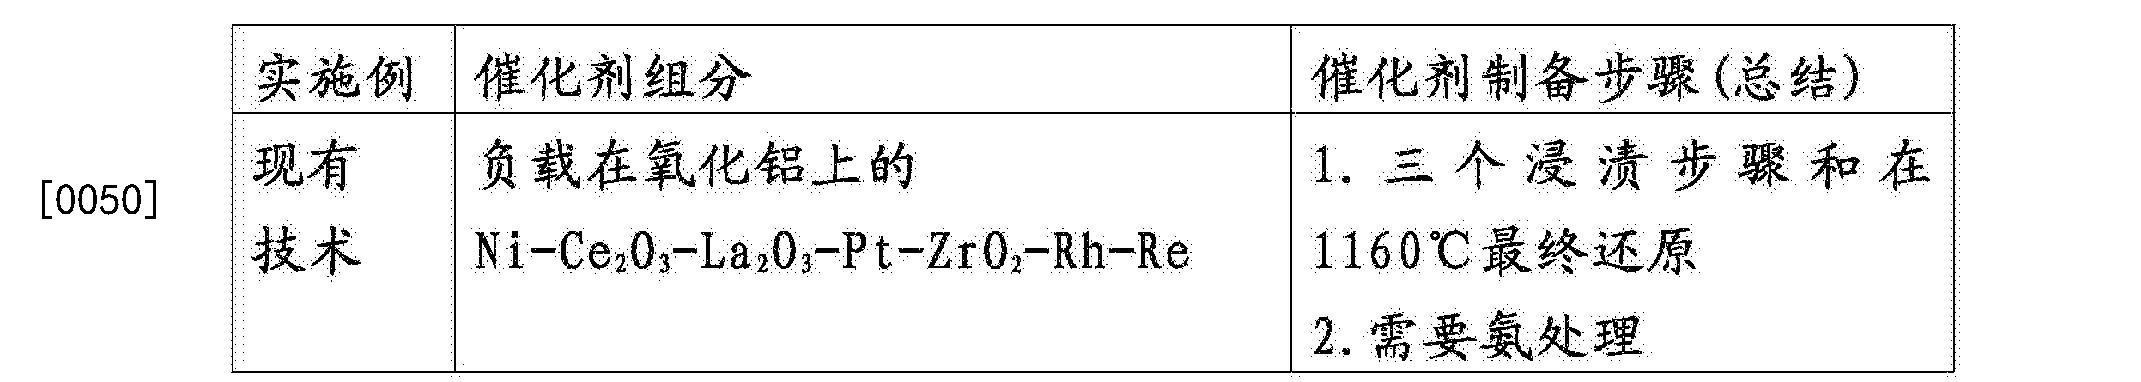 Figure CN105555707BD00091